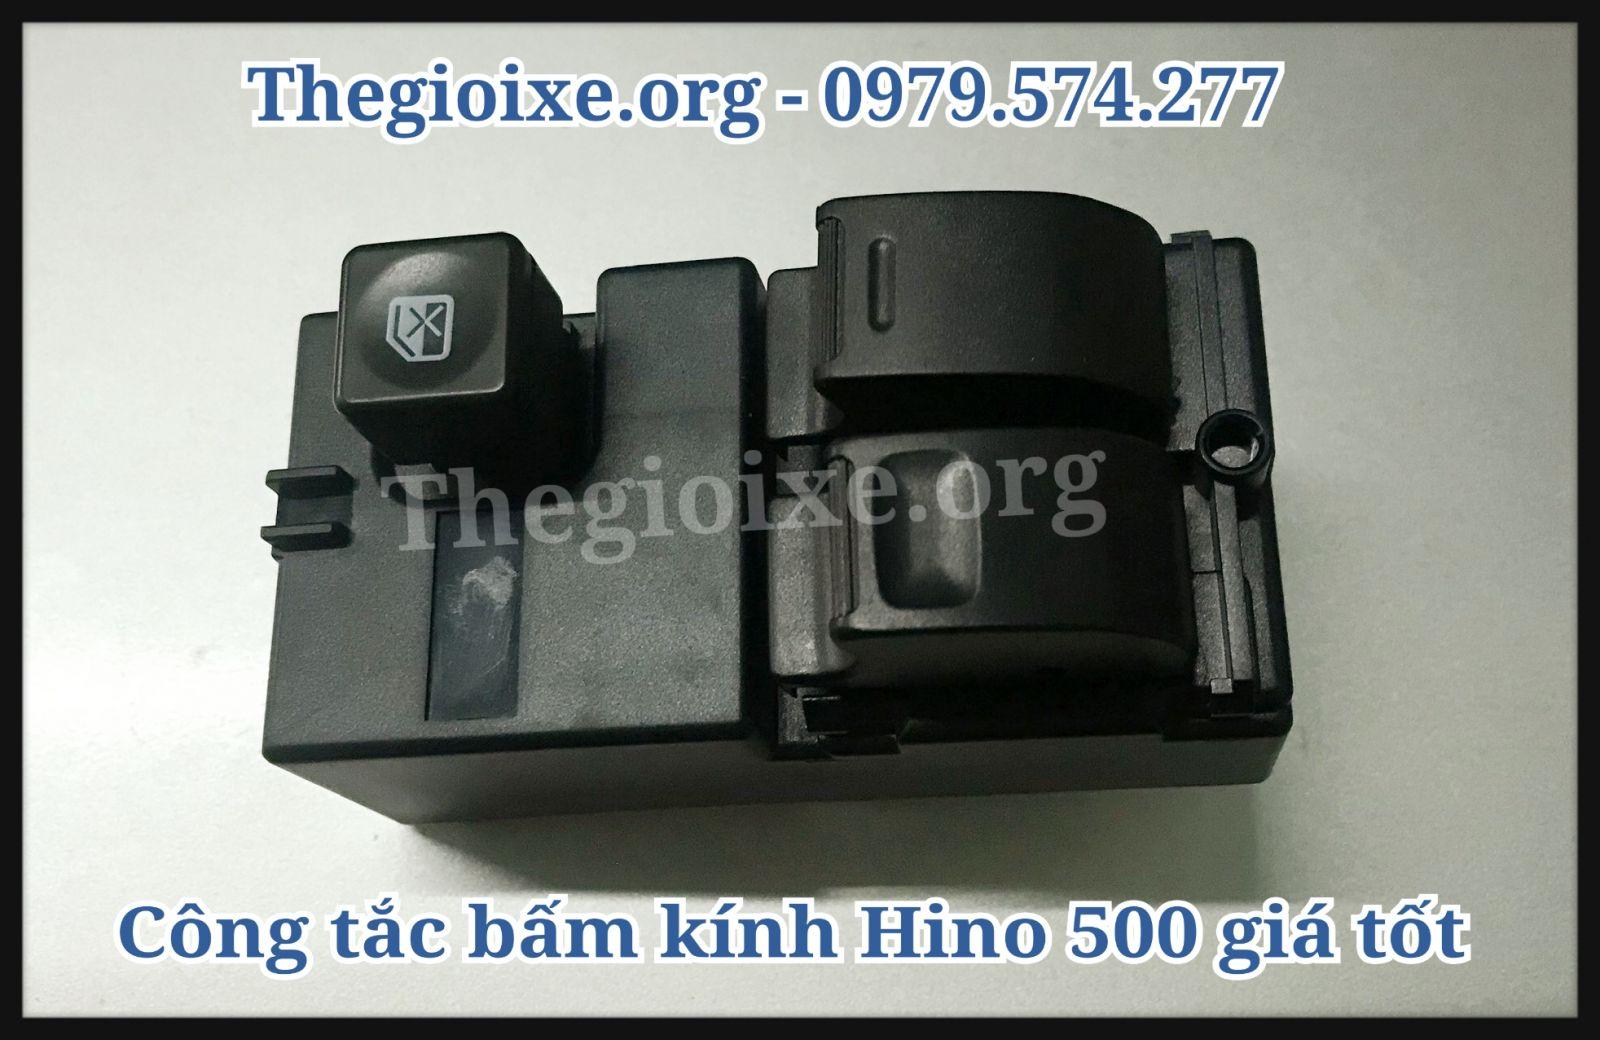 CONG TAC BAM KINH HINO